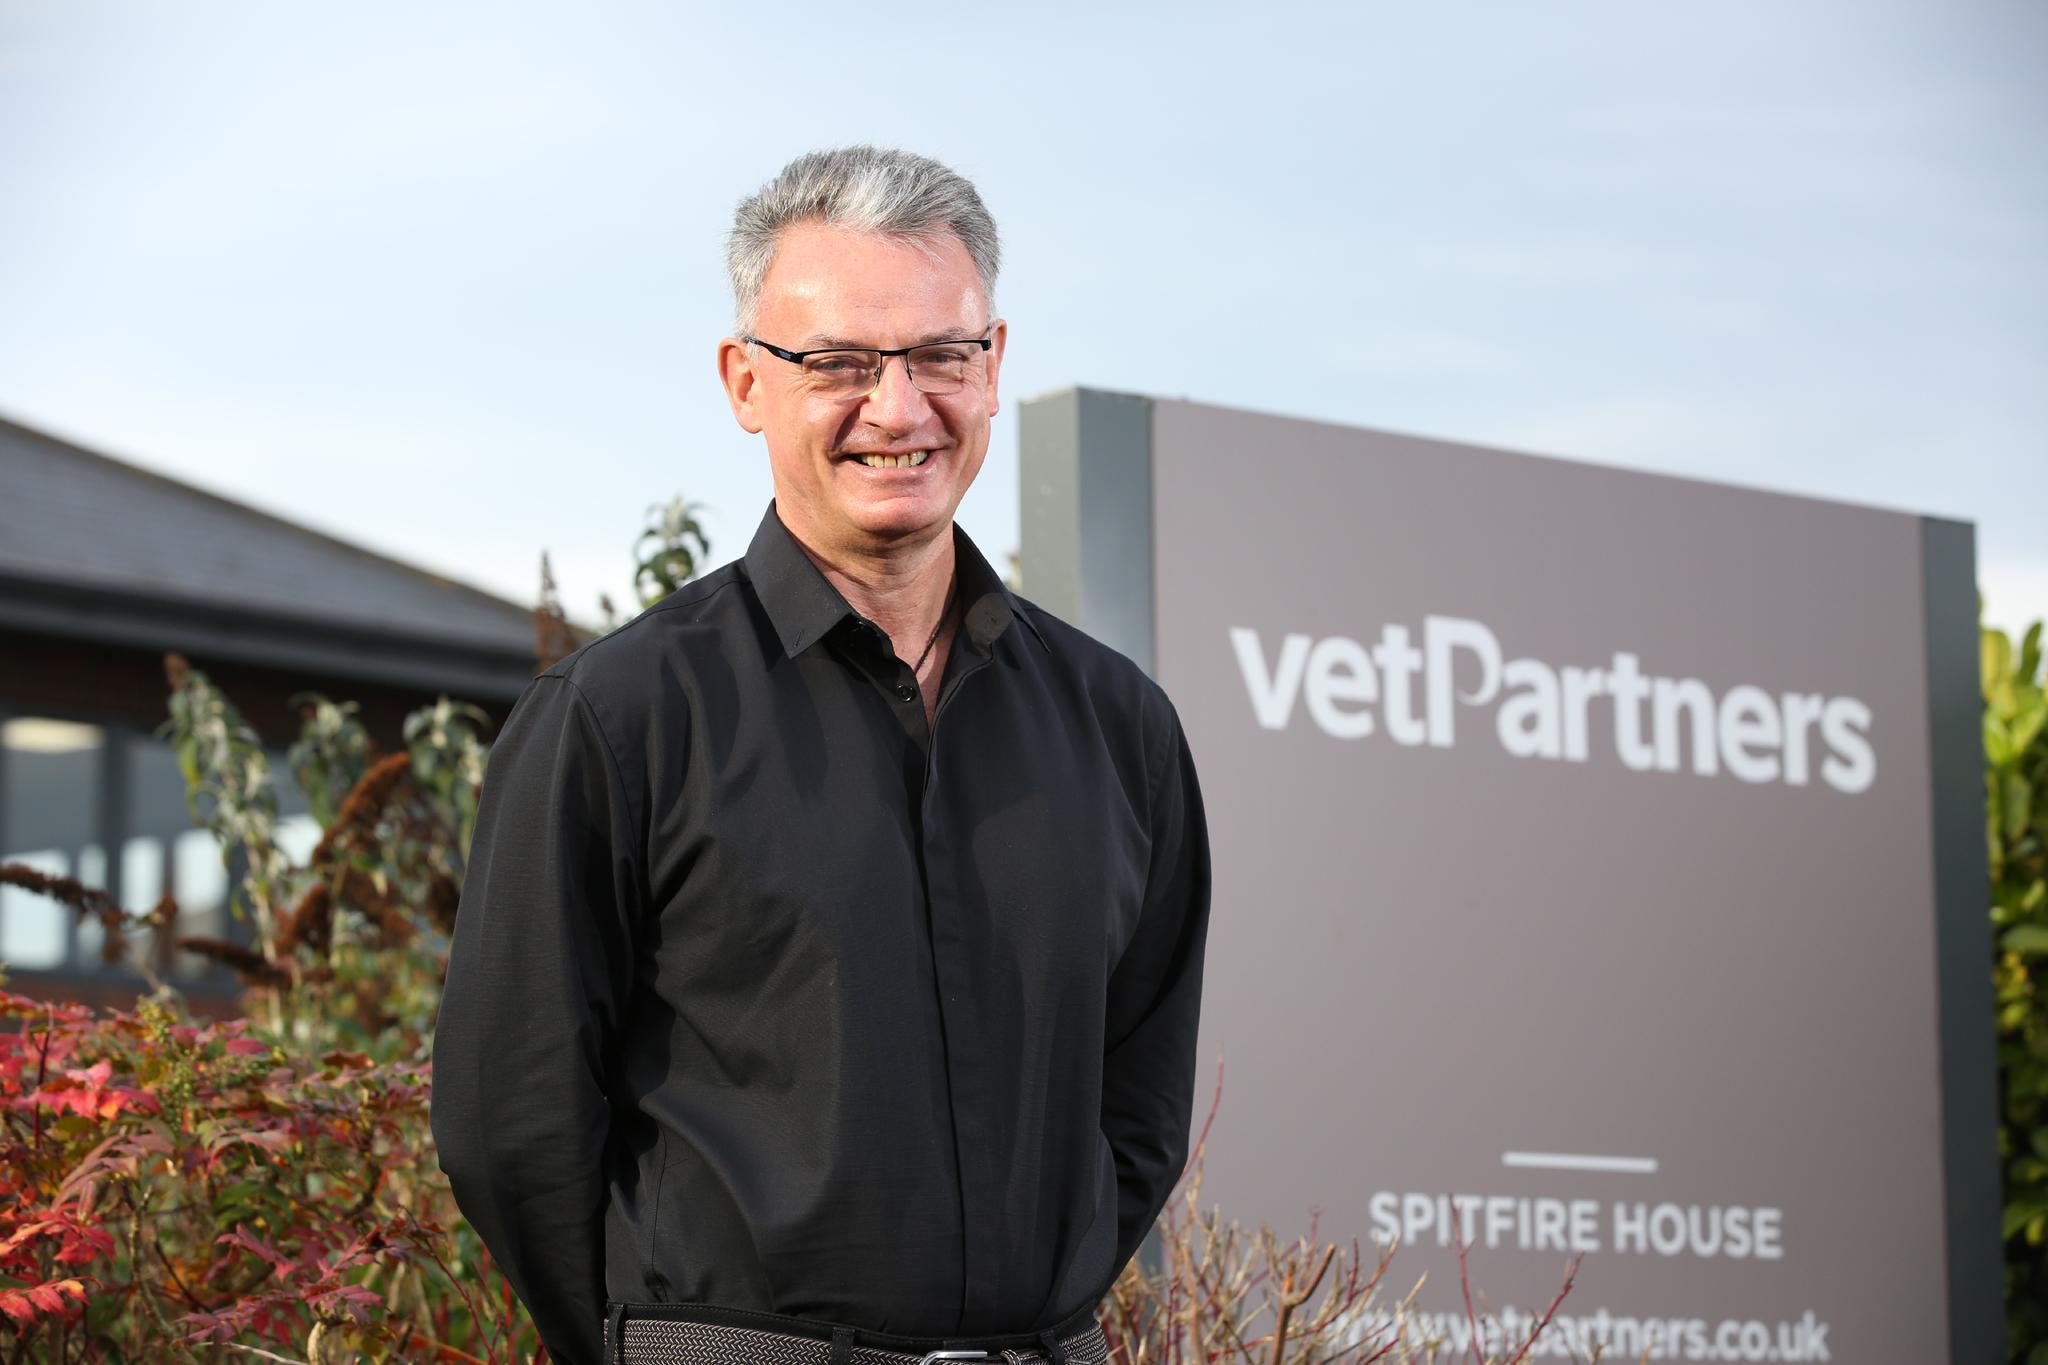 Un nouveau DG pour VetPartners pour accompagner l'expansion en France.